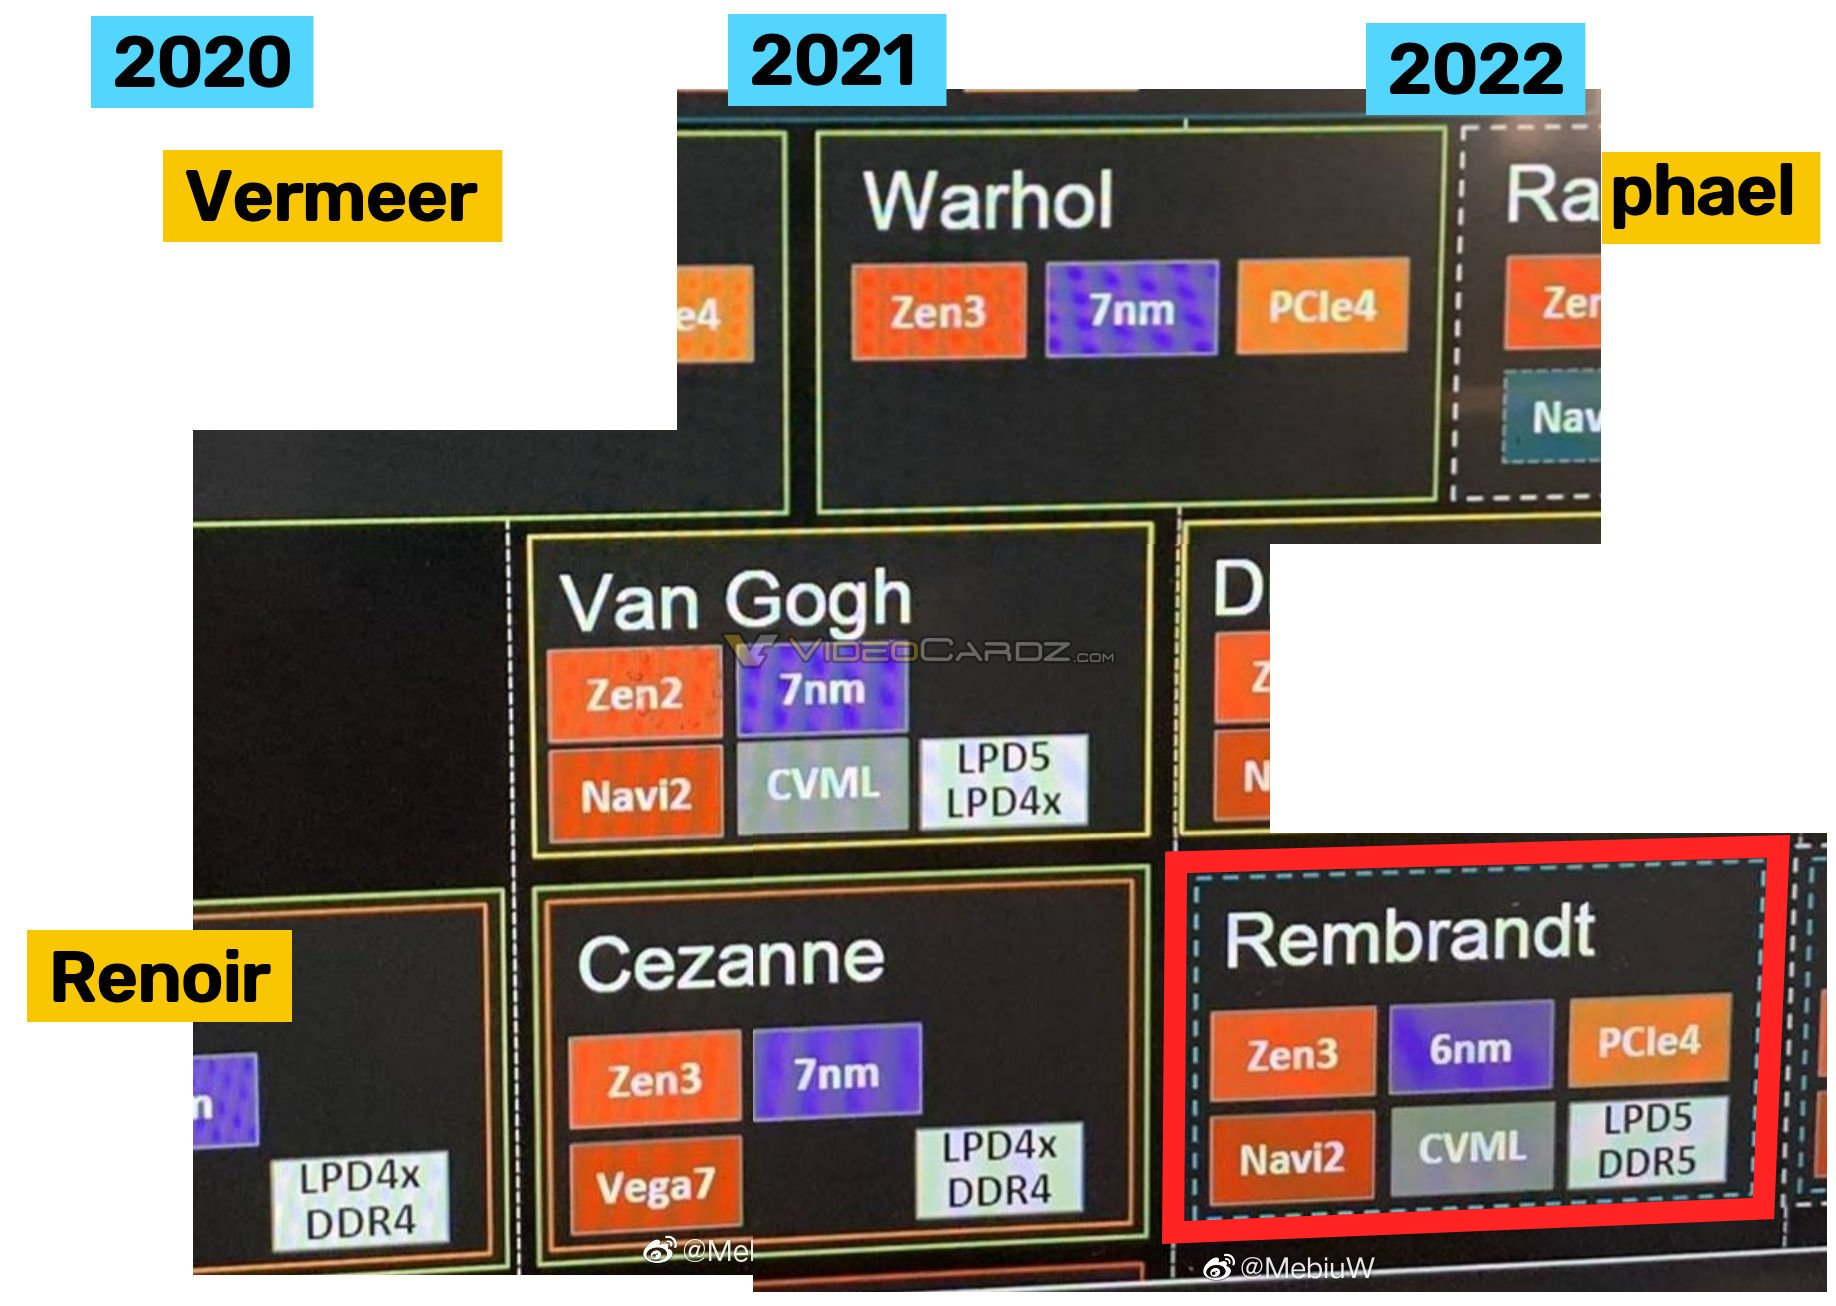 AMD APU Roadmap Untuk 2021 Dan 2022 Telah Bocor - Zen3 + 6nm Rembrandt Flagship APU Dengan Navi iGPU Datang Pada 2022